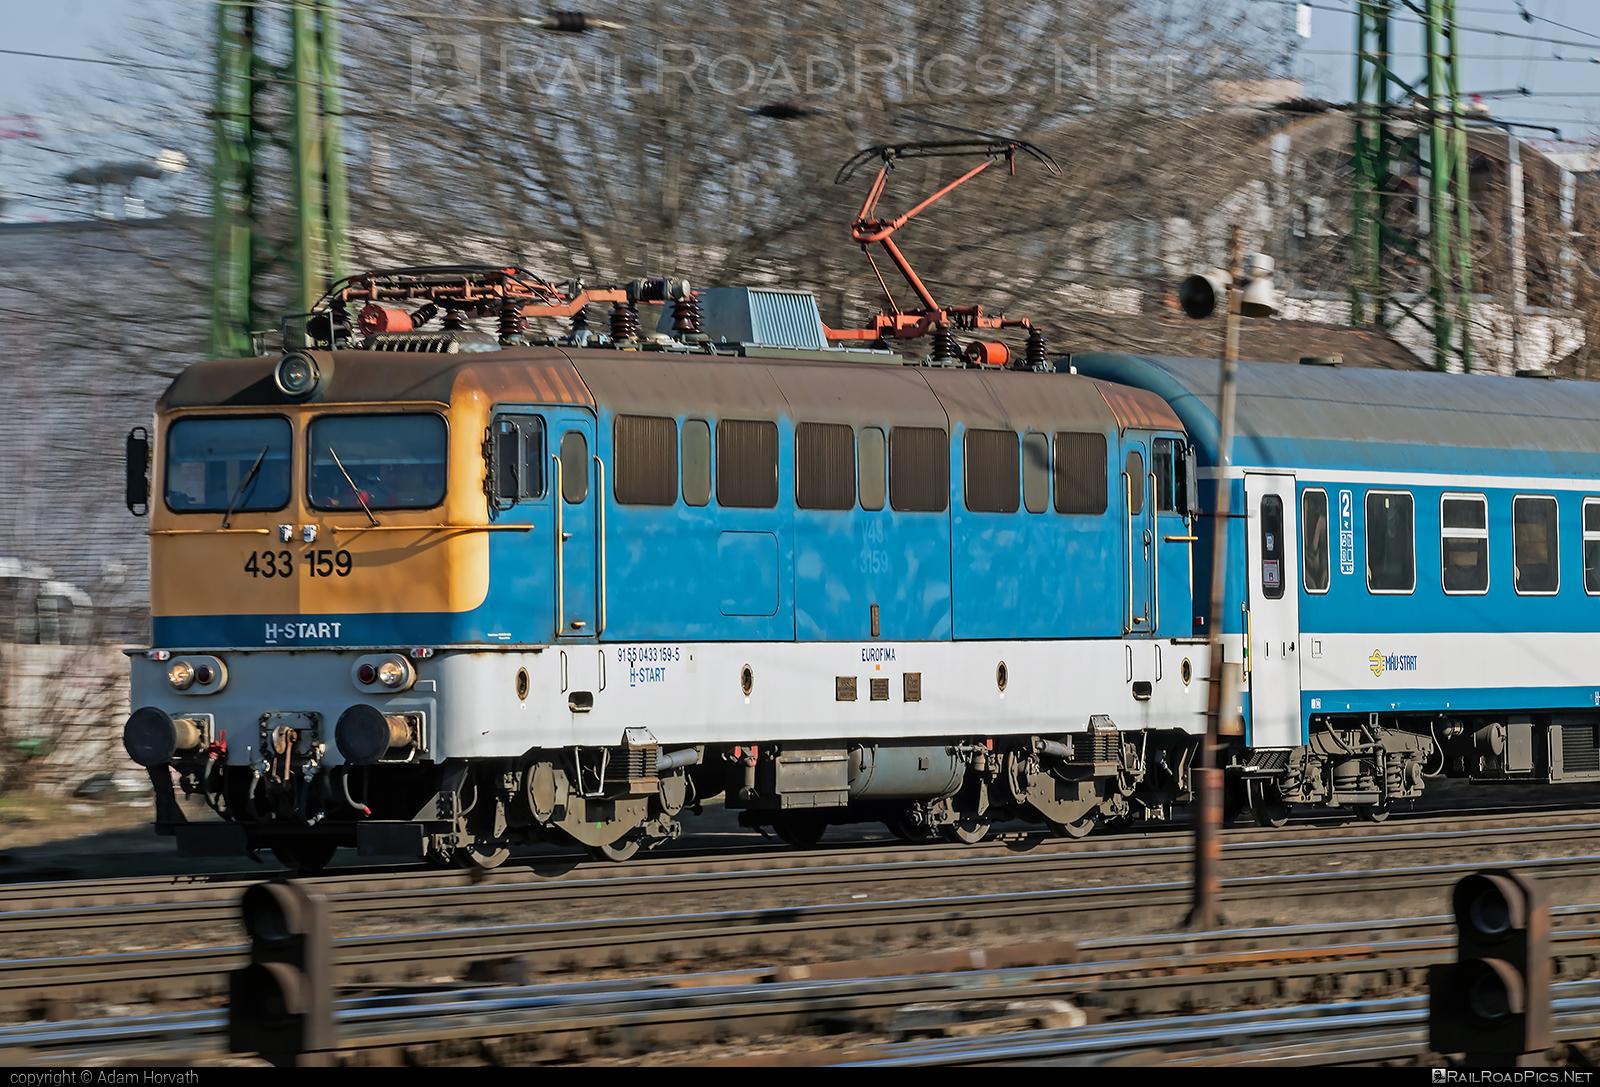 Ganz-MÁVAG VM14-14 - 433 159 operated by MÁV-START ZRt. #ganz43 #ganz431 #ganzmavag #ganzmavag43 #ganzmavag431 #ganzmavagvm1414 #mavstart #mavstartzrt #v43locomotive